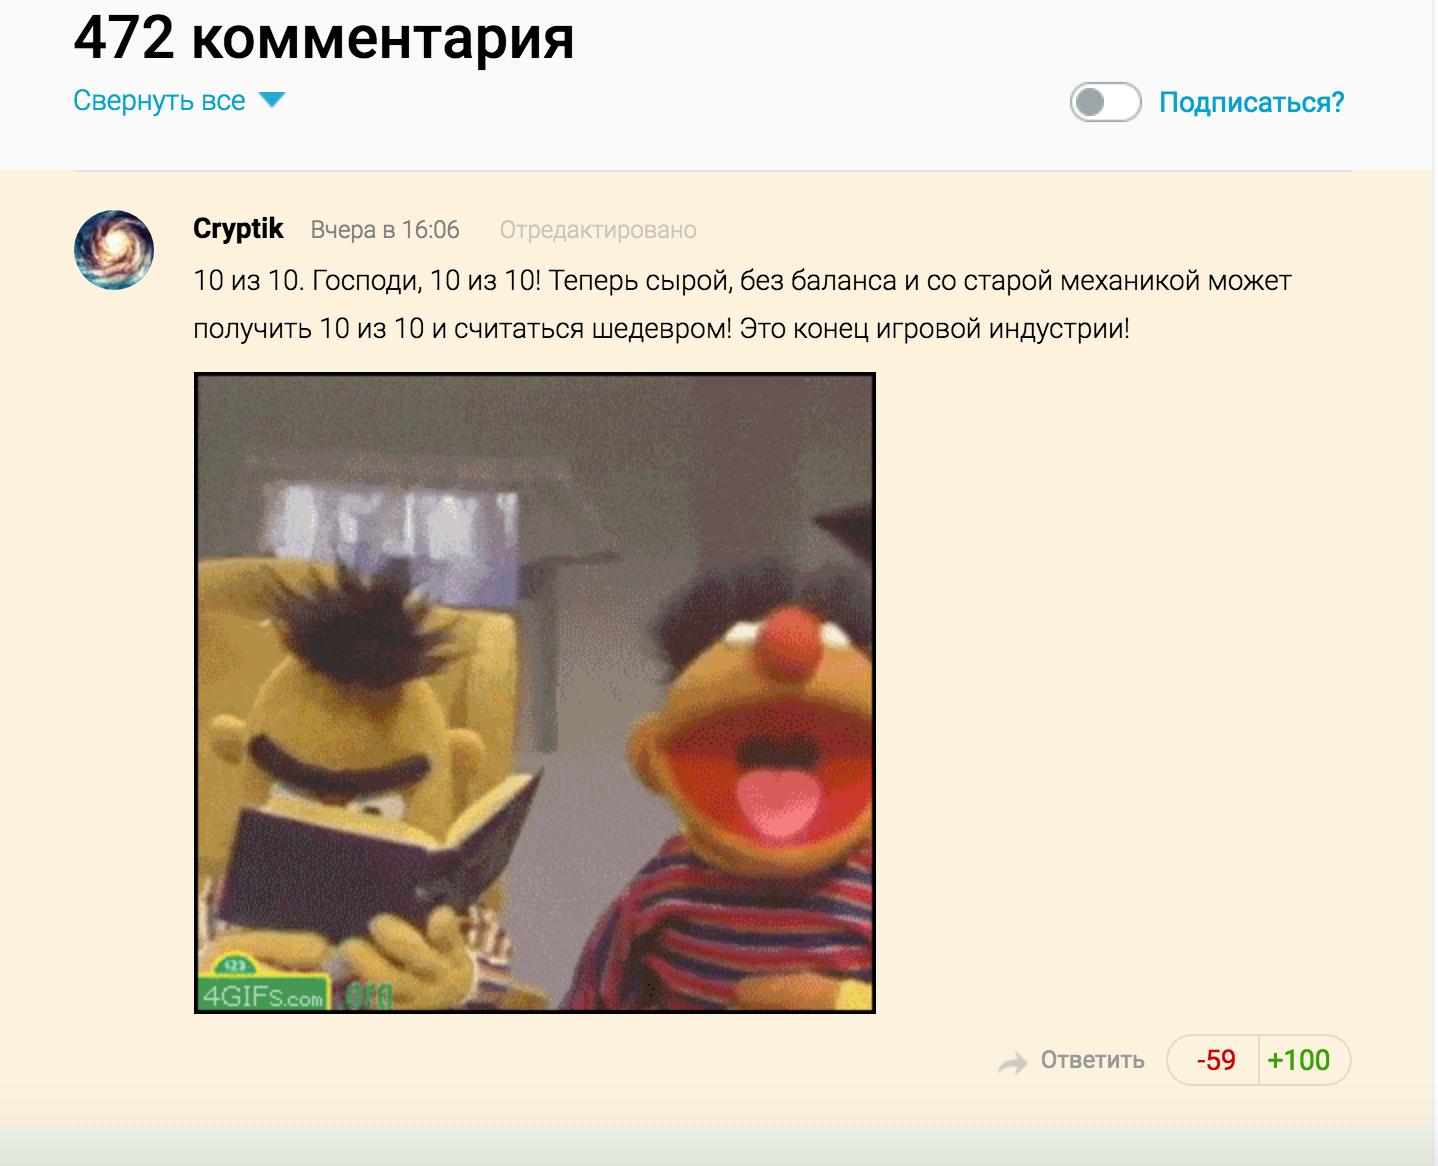 Когда комментарий набирает 100 лайков! - Изображение 1